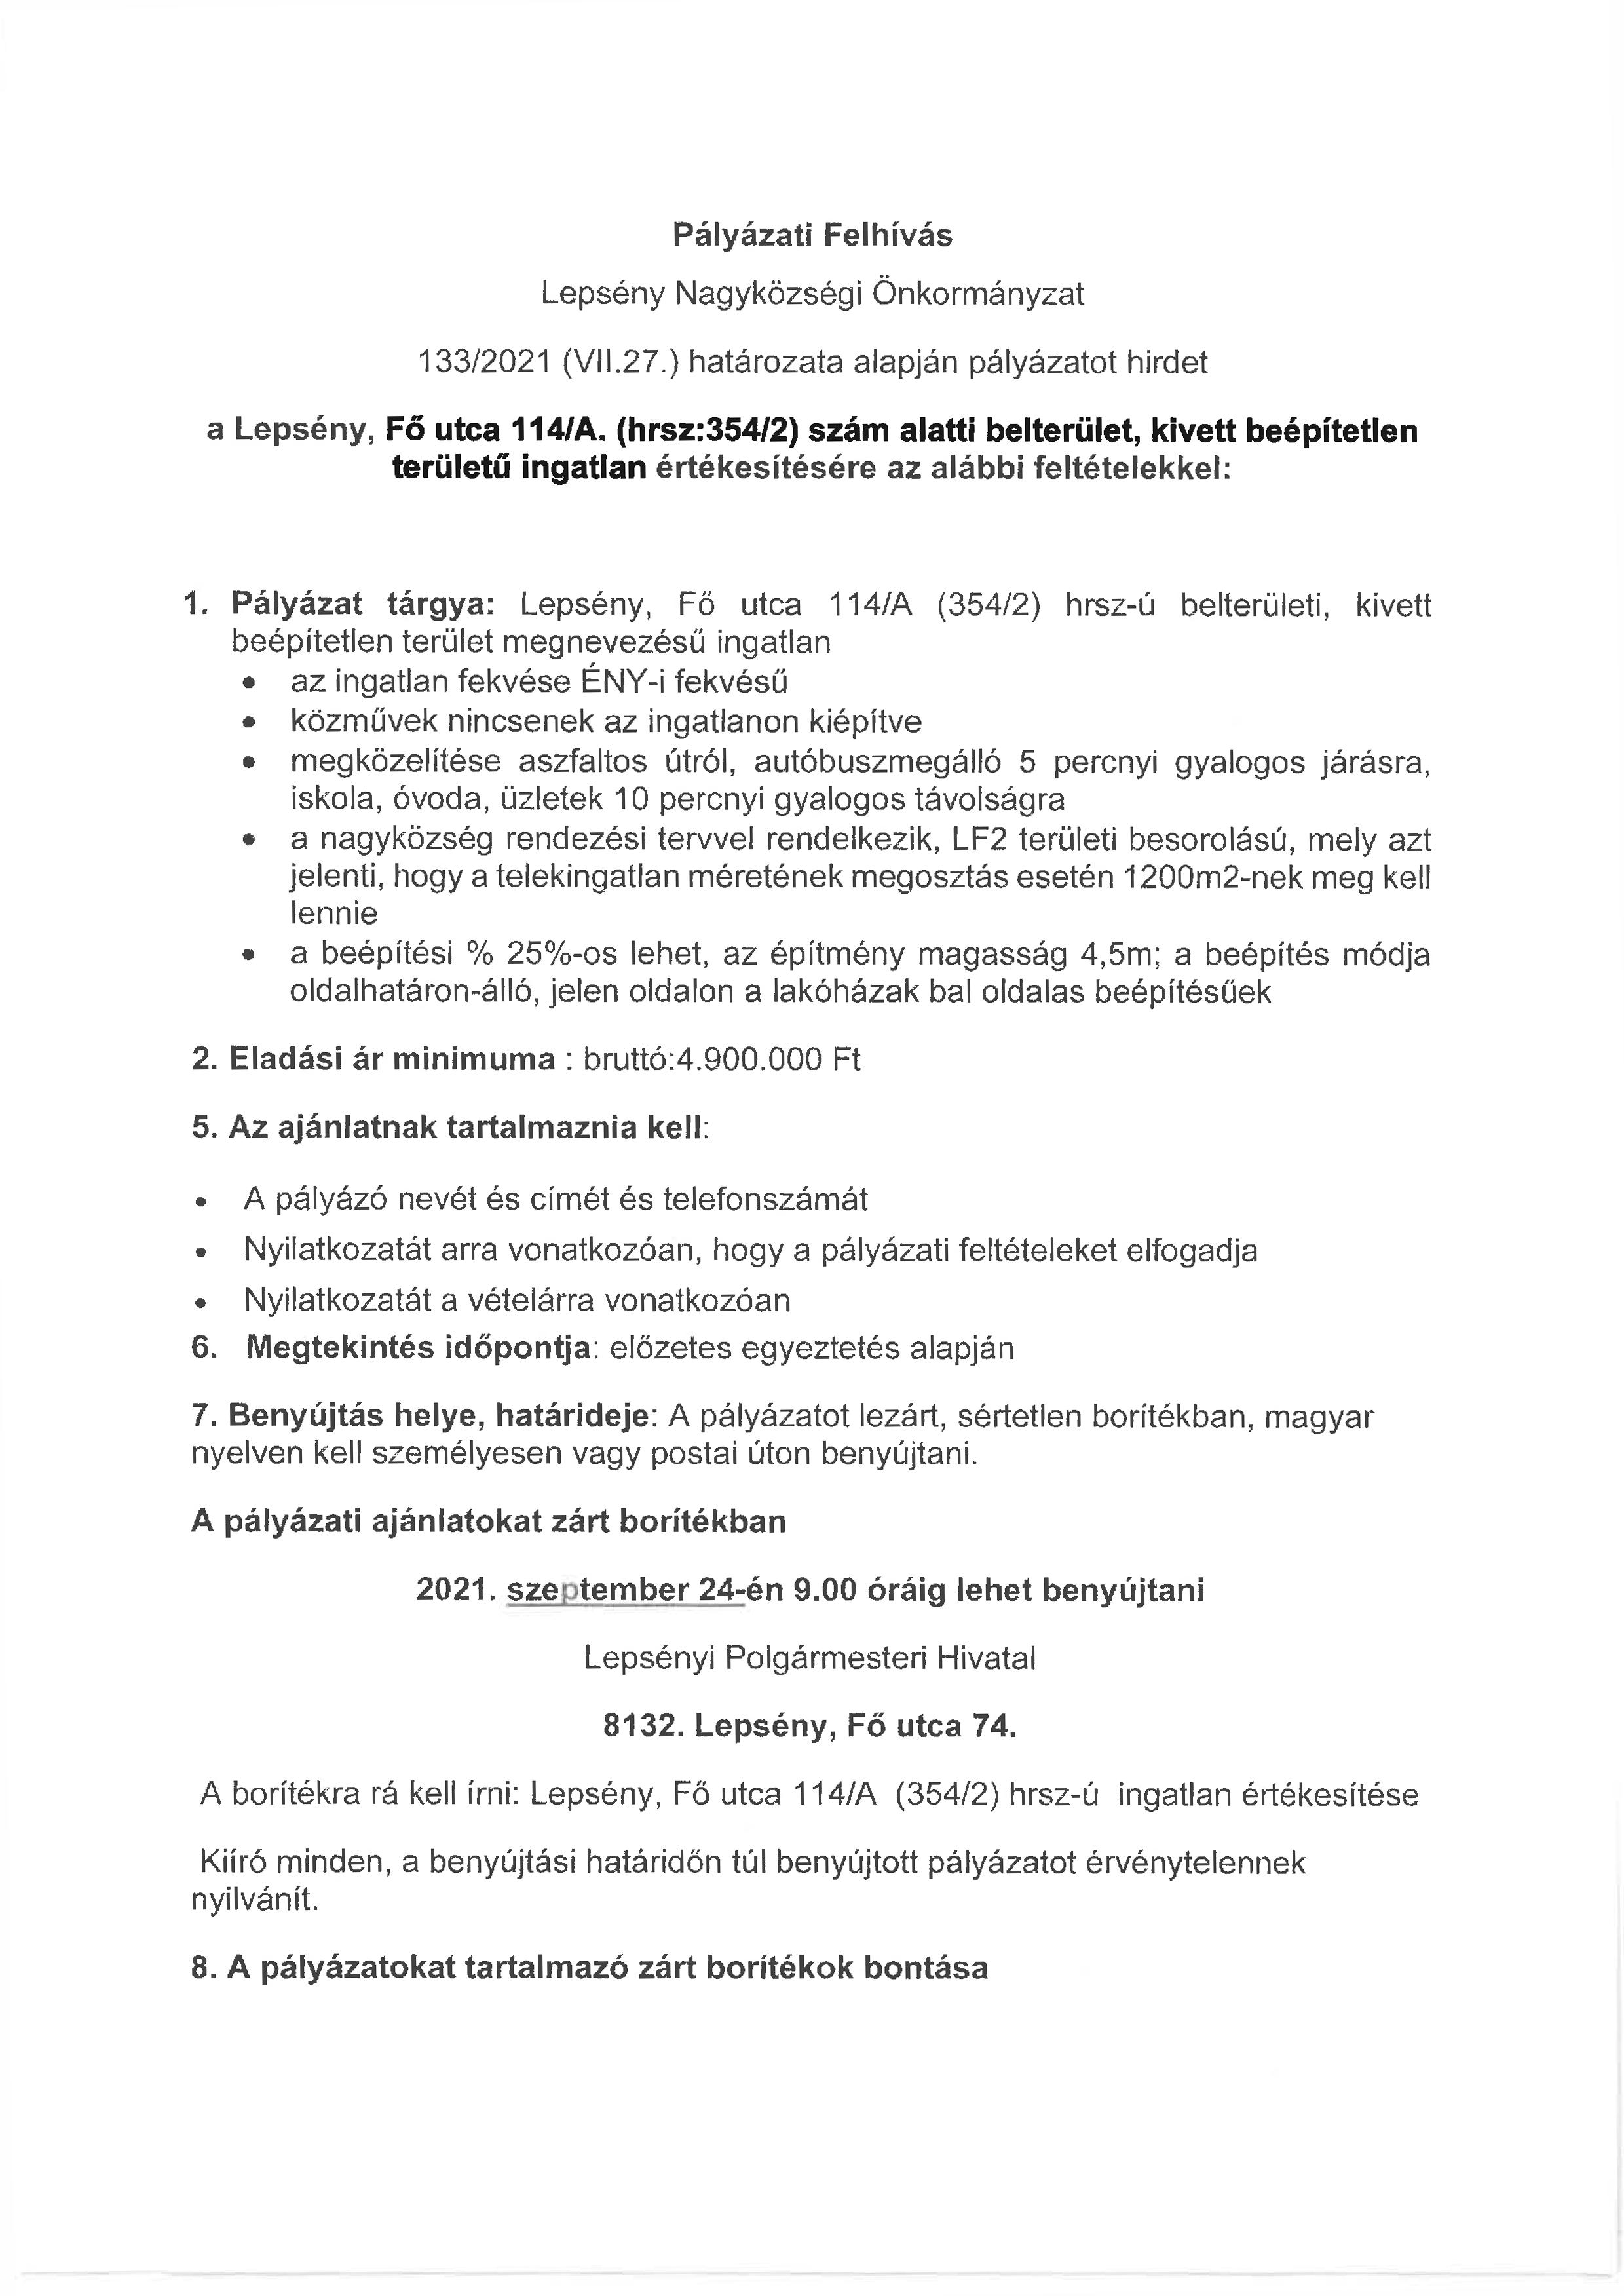 Pályázati kiírás Fő u. 114/A szám alatti belterület, kivett beépítetlen területű ingatlan értékesítésére. Pályázati ajánlatok leadásának határideje 2021. szeptember 24. További információért hívák a Lepsényi Önkormányzatot. 06 22 585 024